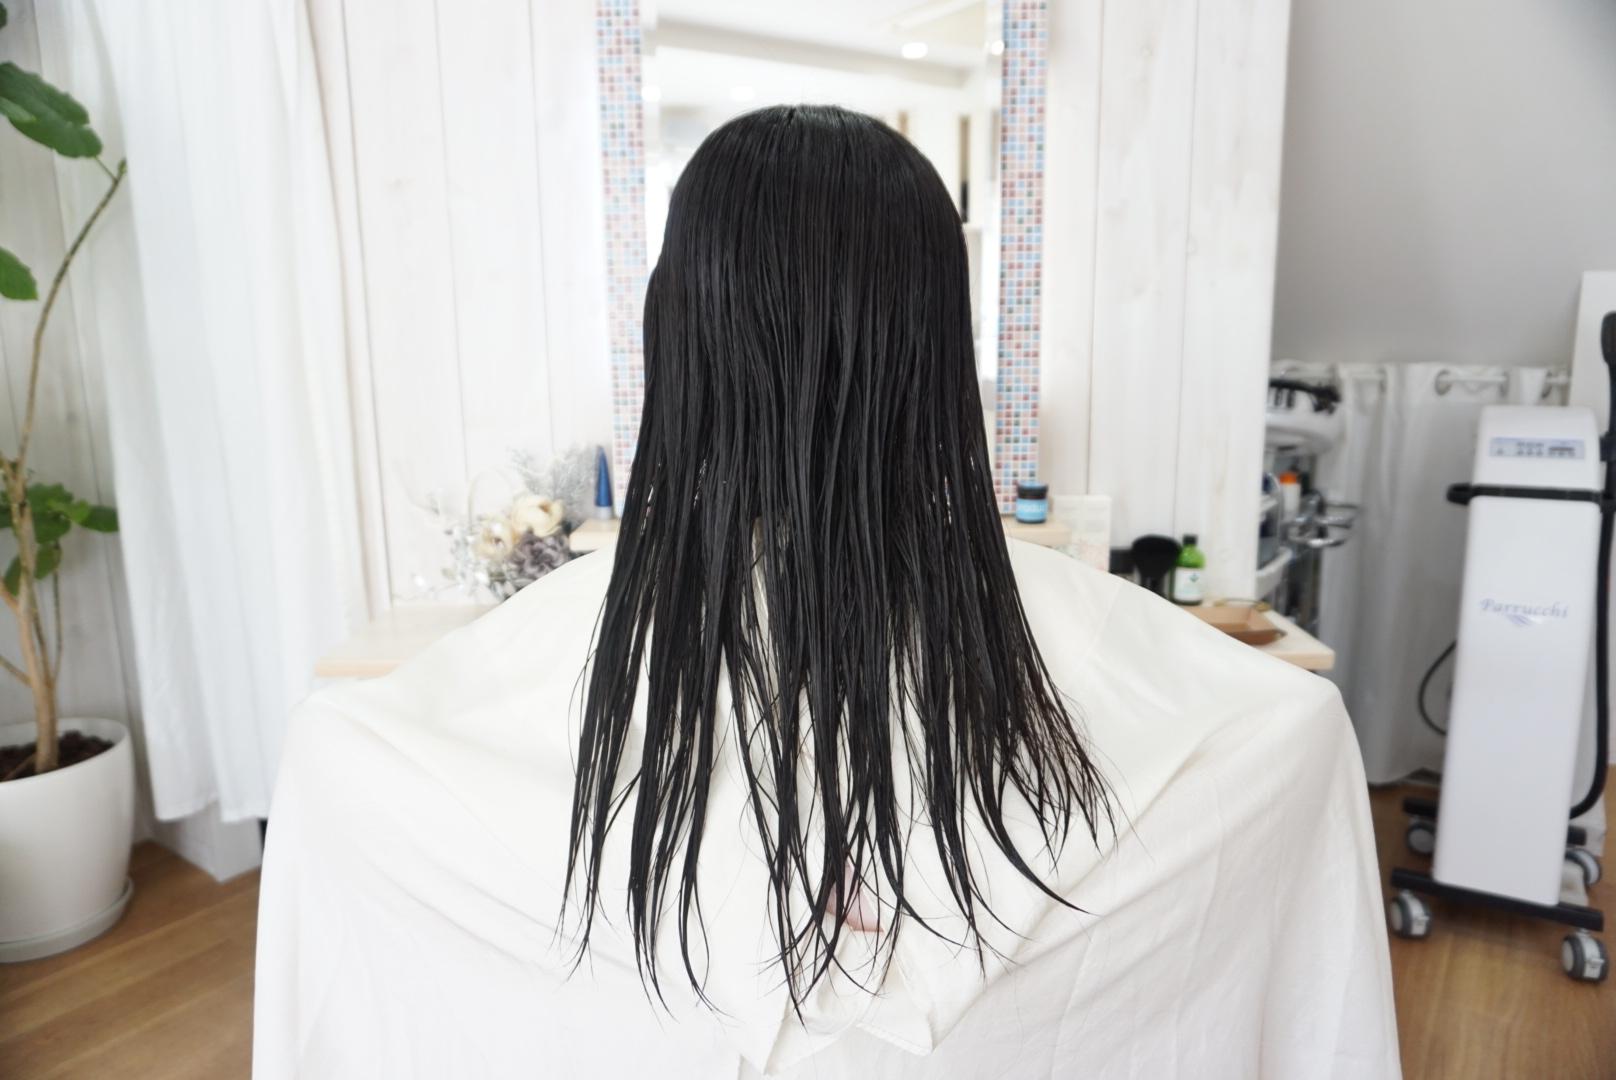 シャンプーをした後の女性の髪の毛